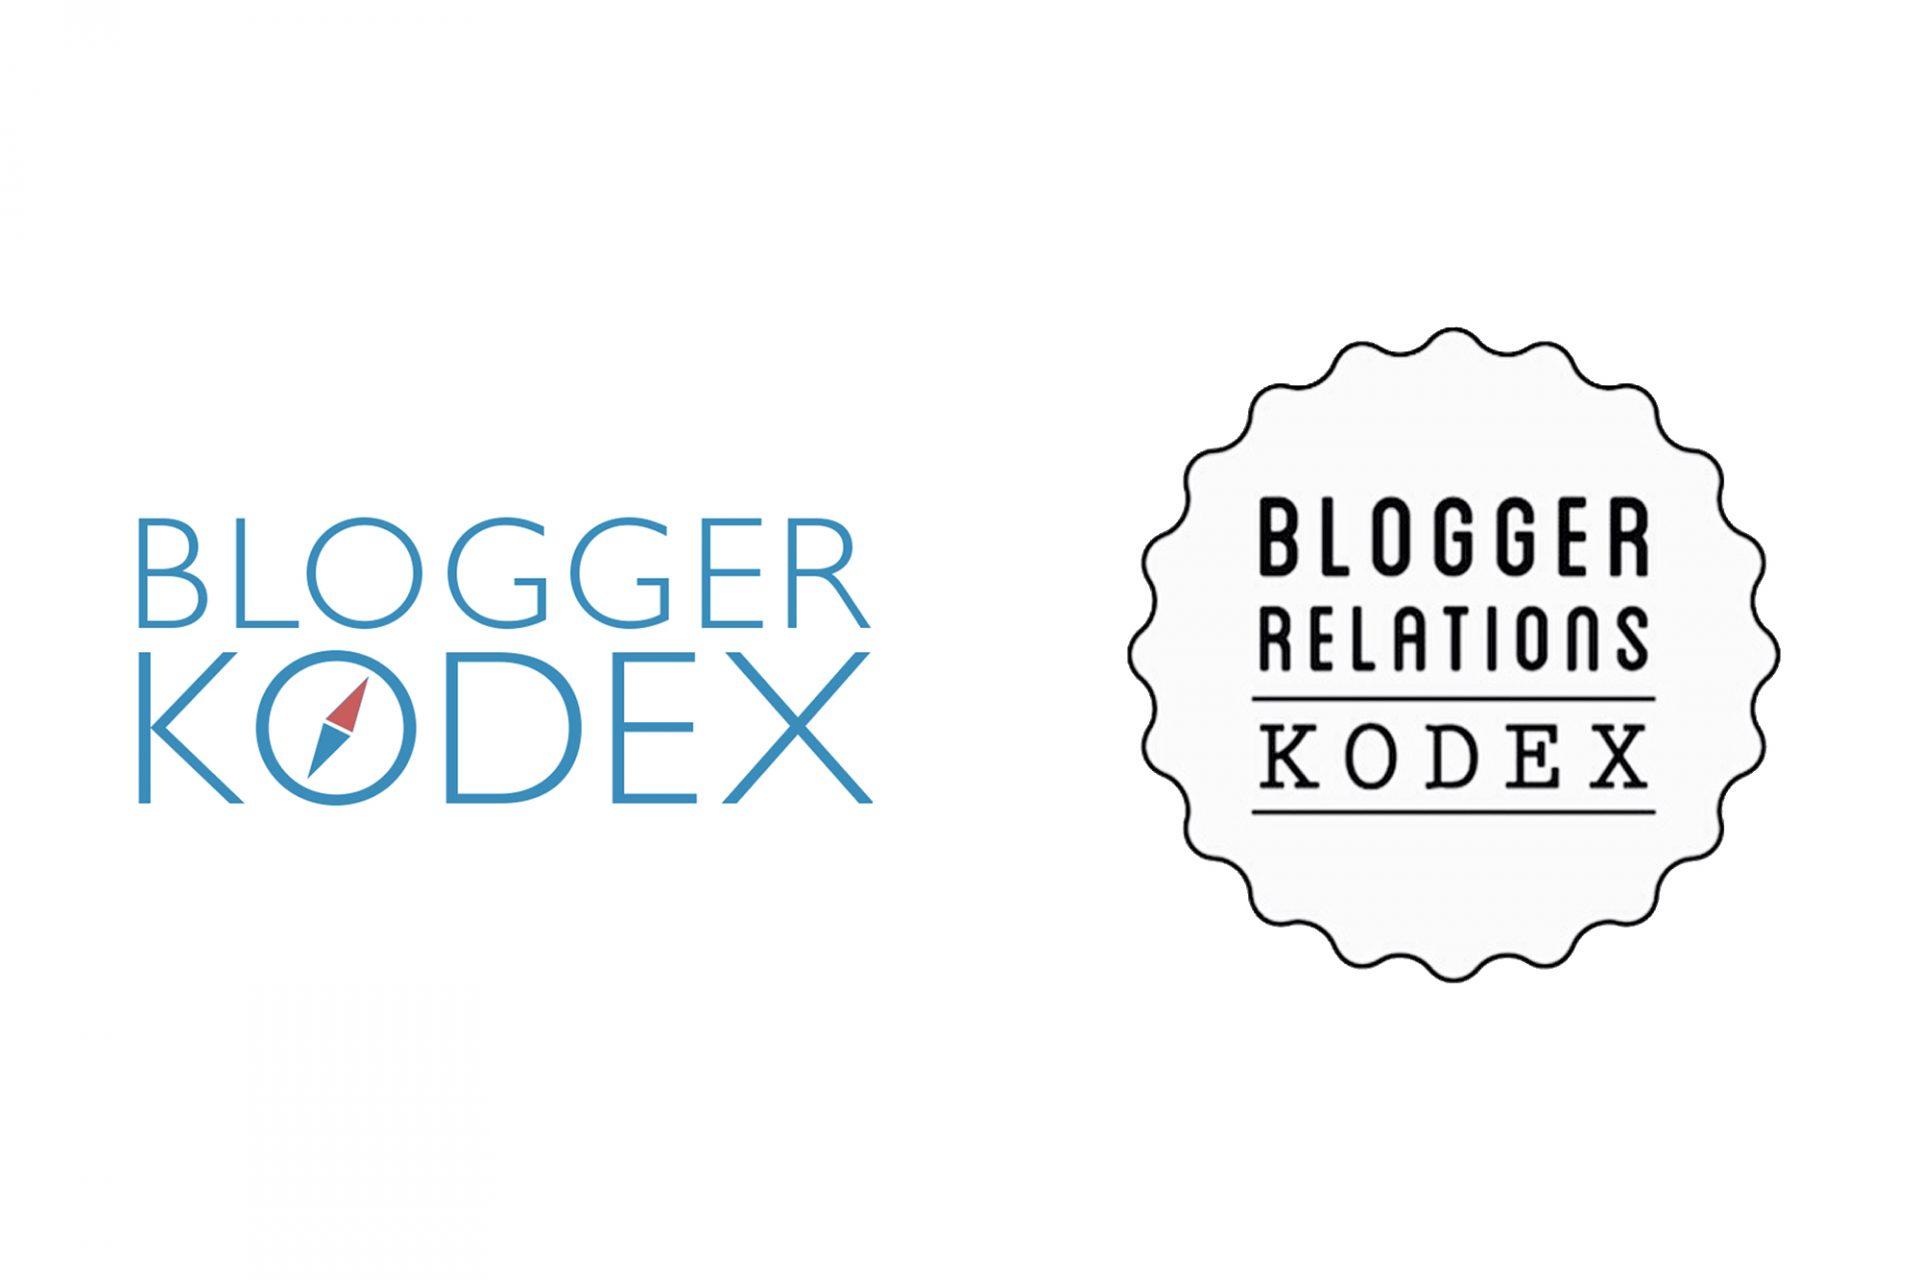 Blogger Kodex ist auch unser Kodex..  Der Blogger-Kodex ist die Erweiterung des Reiseblogger-Kodex, der seit Januar 2013 besteht. Der Blogger Relations Kodex wurde von Bloggern für eine transparente Zusammenarbeit mit Marken entwickelt.